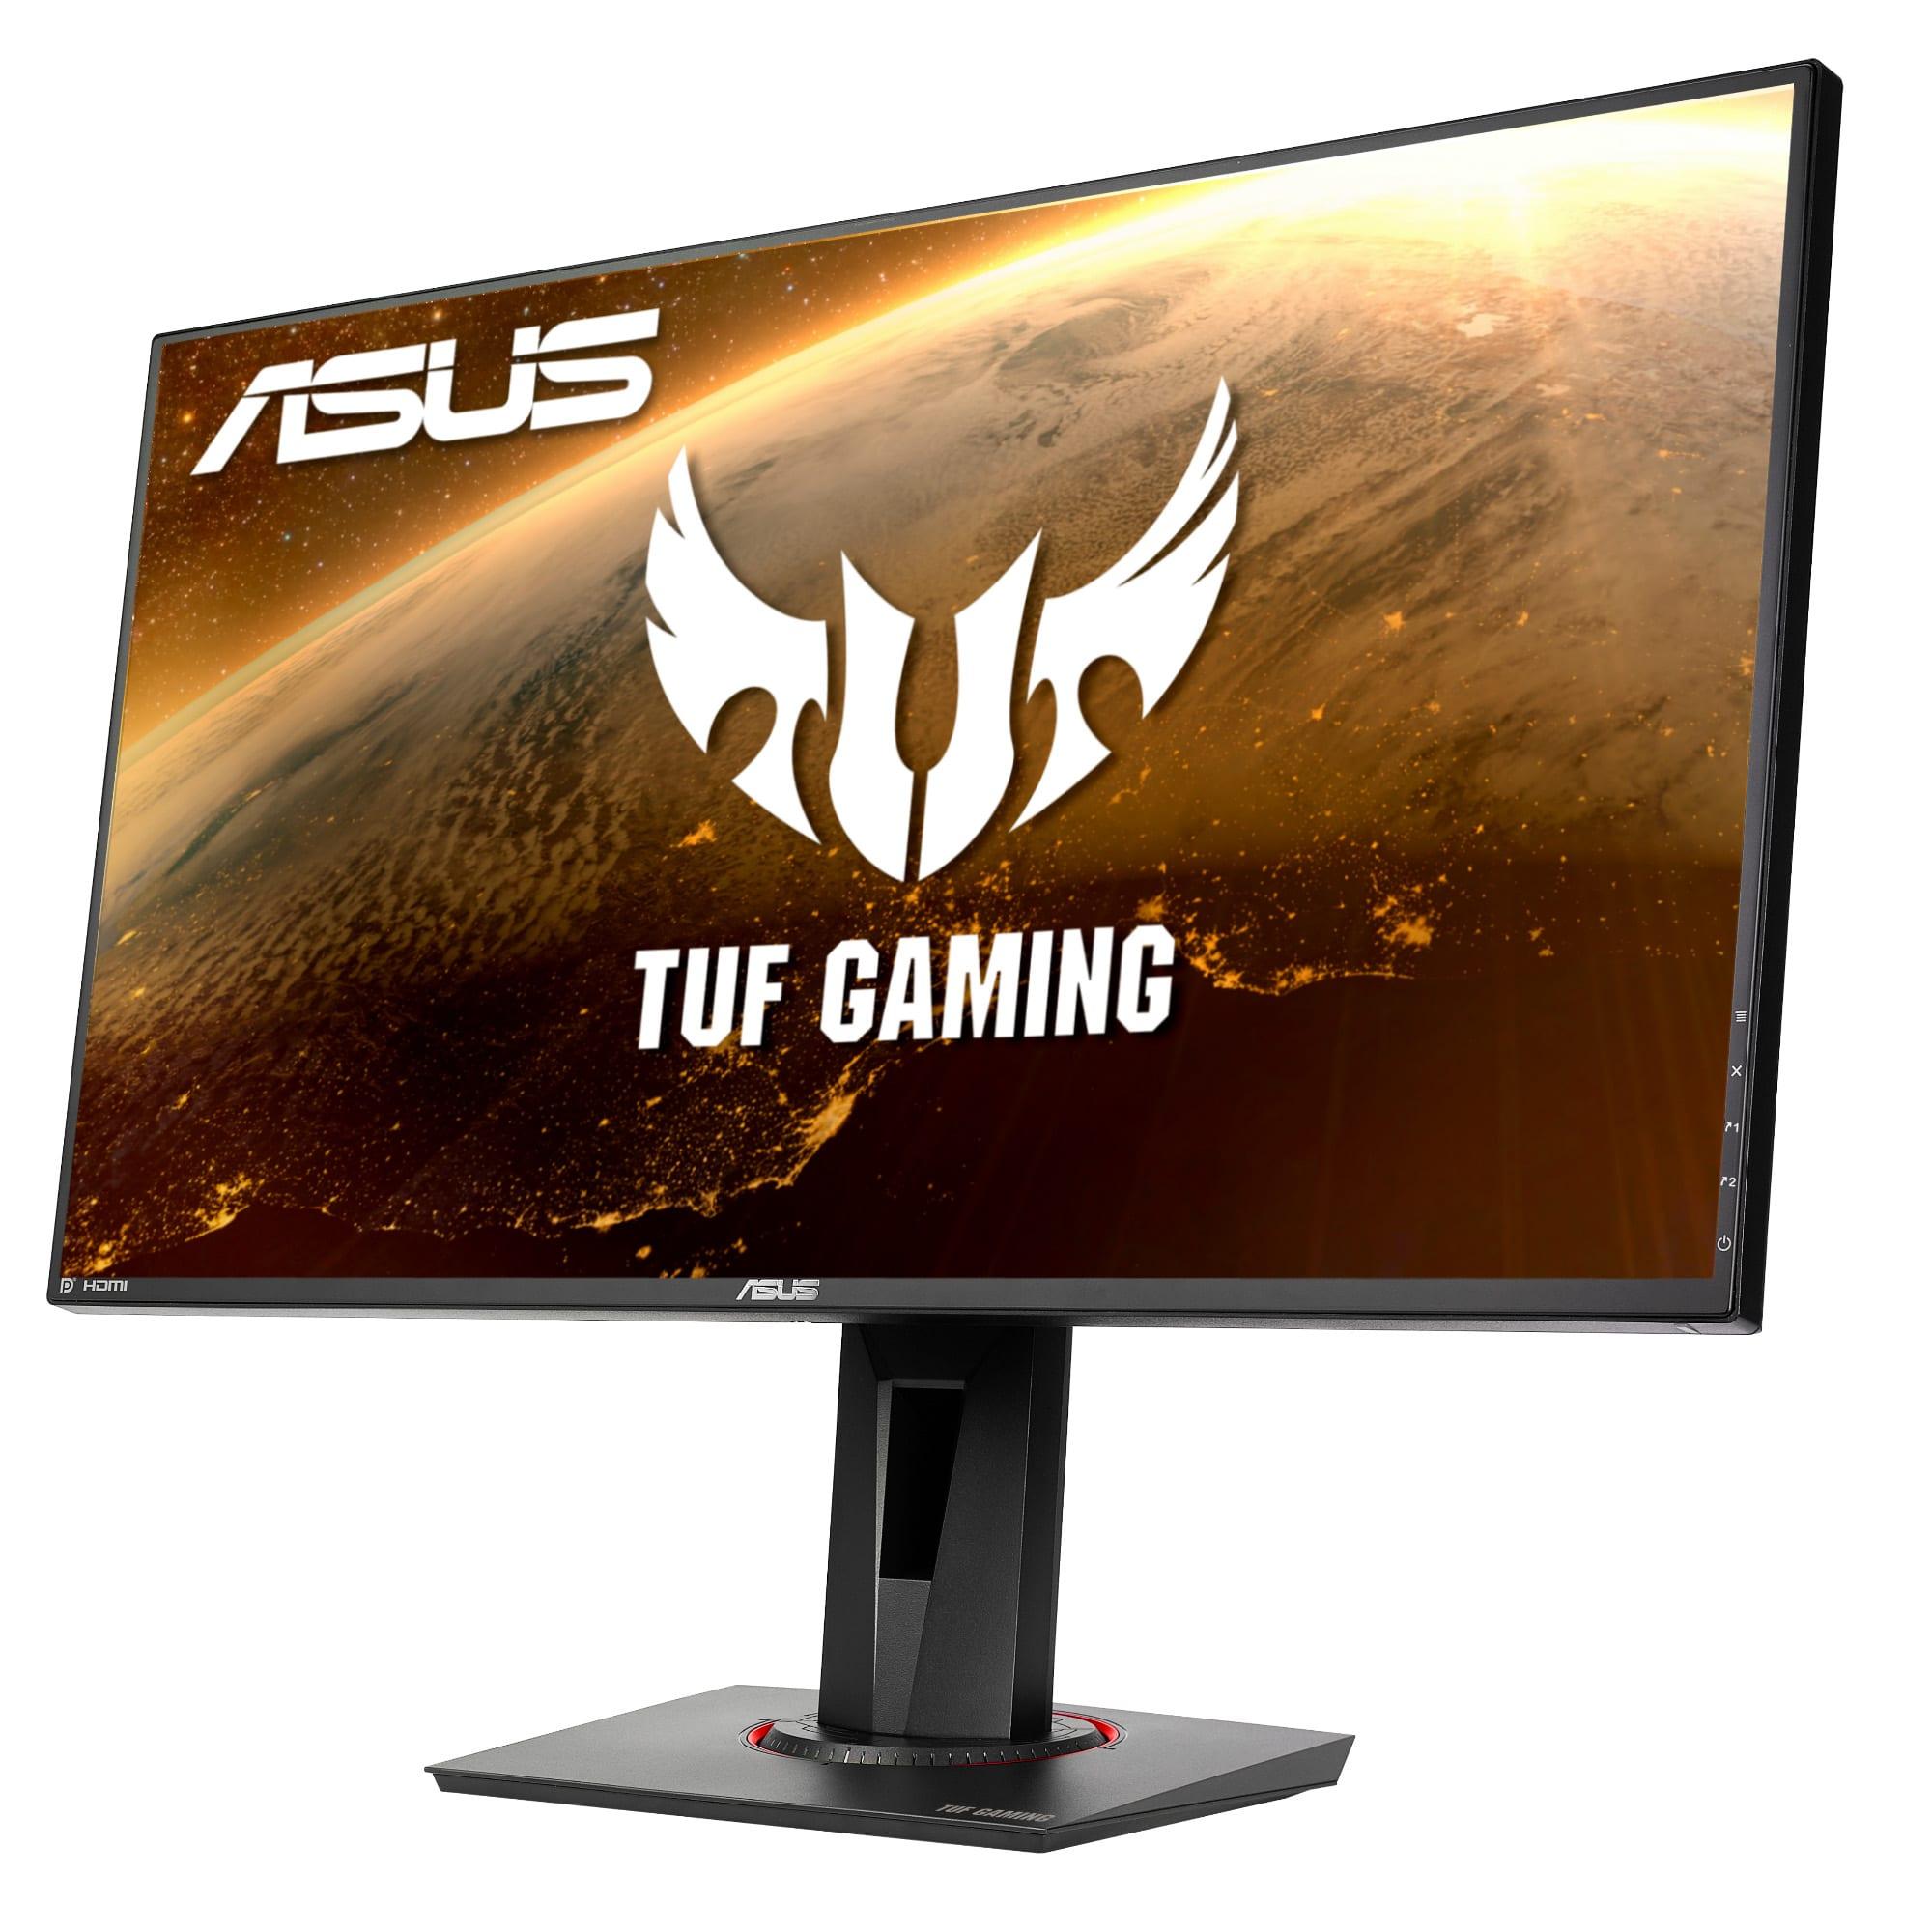 ASUS annuncia i monitor TUF VG279QM, VG259QM a 280Hz e ROG Strix XG279Q a 170HZ con tecnologia FastIPS